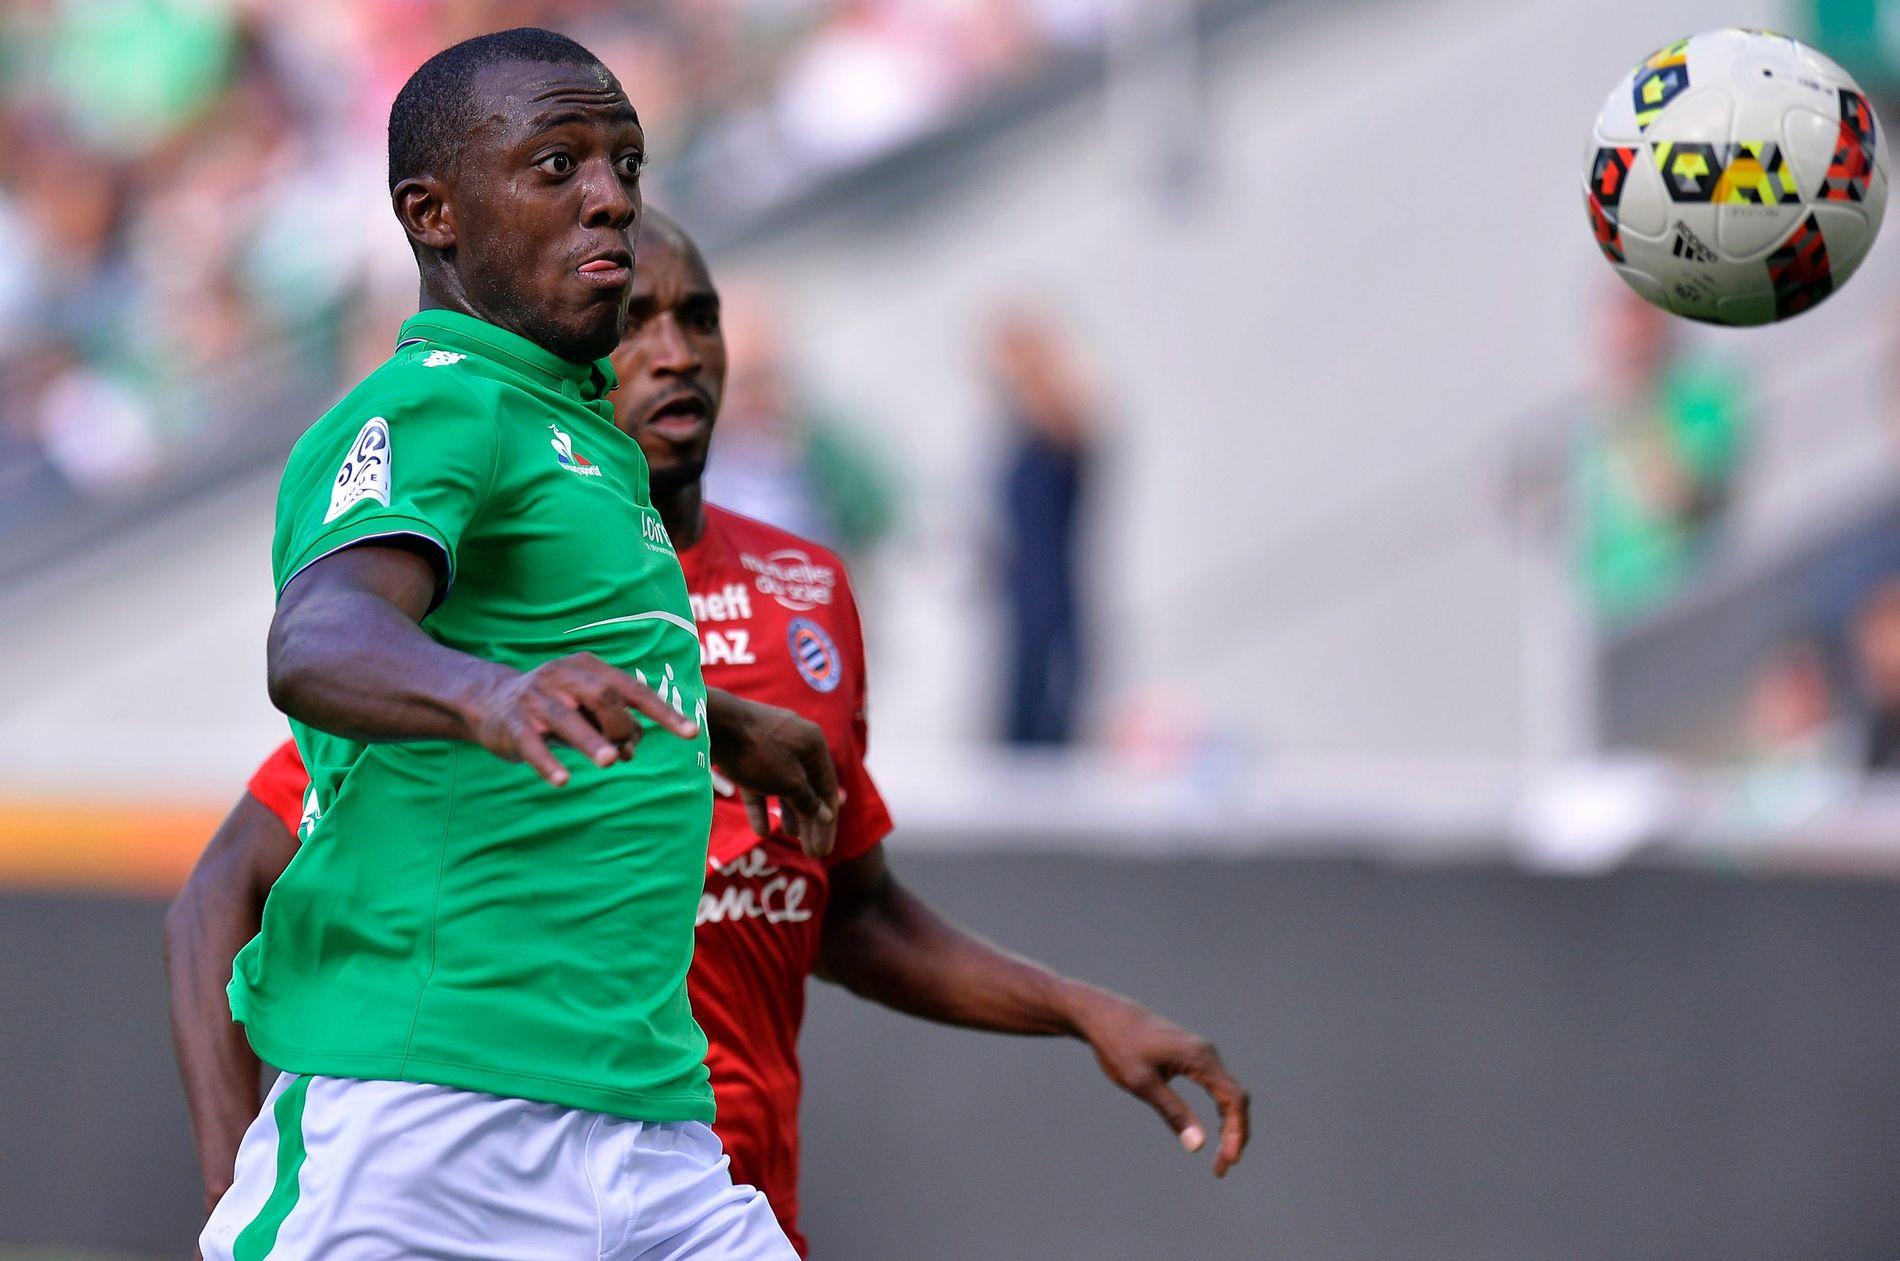 PÅ TOPPNIVÅ: Benjamin Karamoko kommer fra Saint-Étienne, der han fikk noen få A-lagskamper, som denne mot Motnpellier i august 2016.